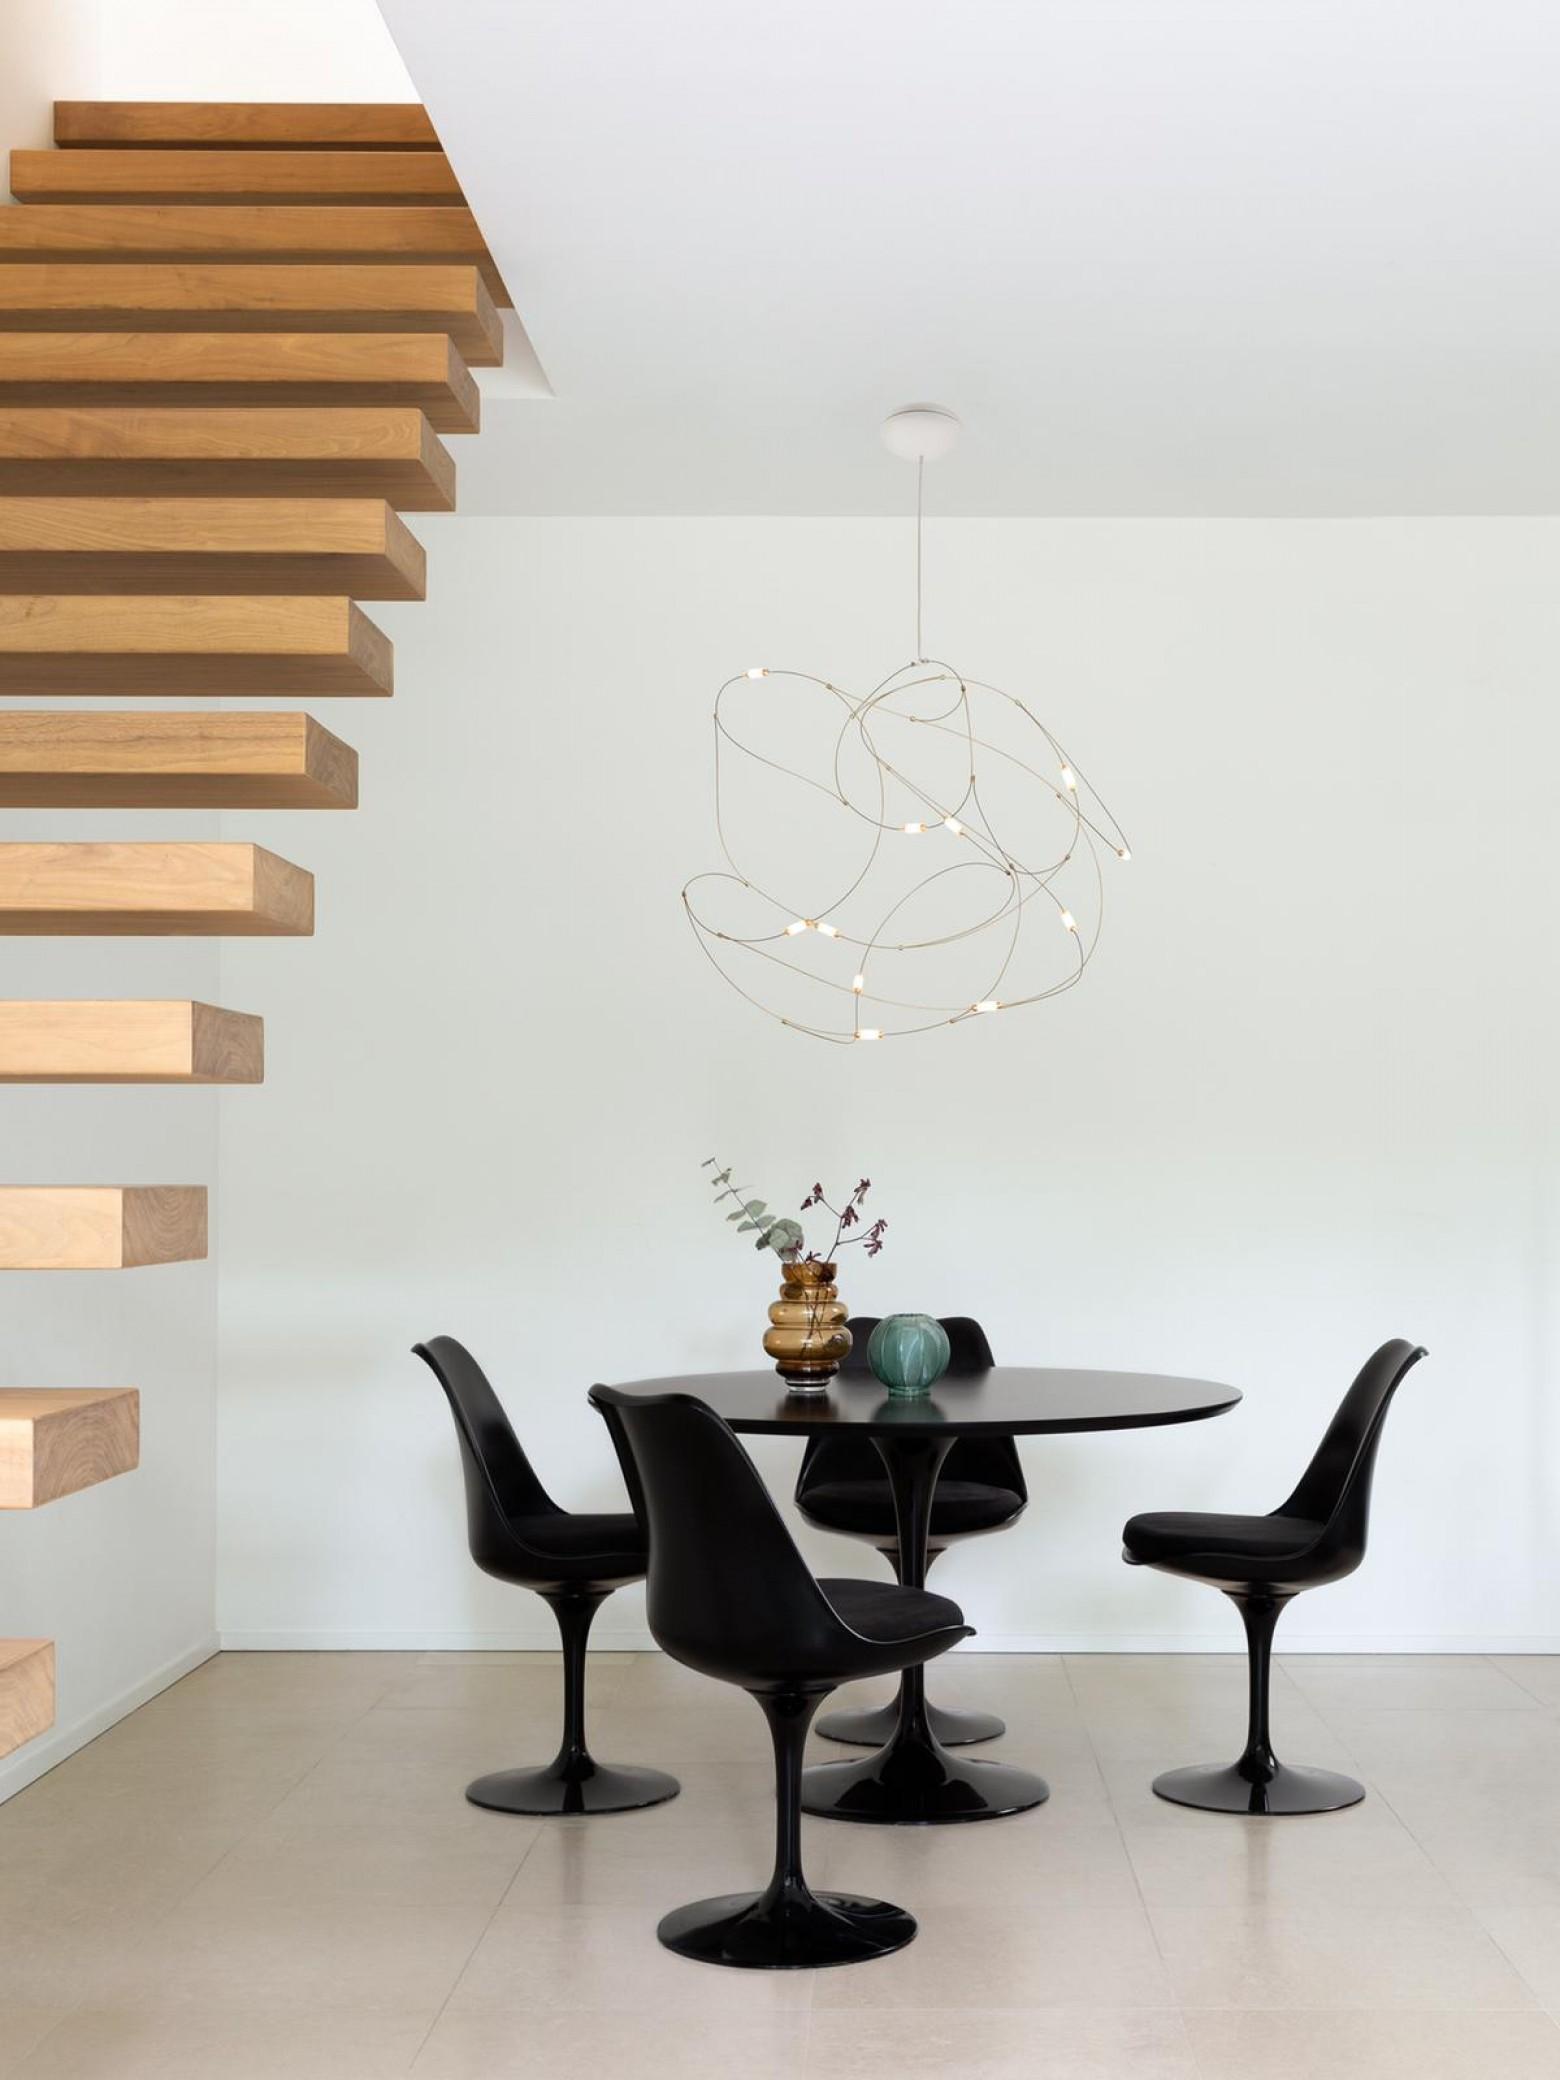 Luminaire sculptural Flock of Light: NOUVEAU dans la collection MOOOI Victors Design Agency